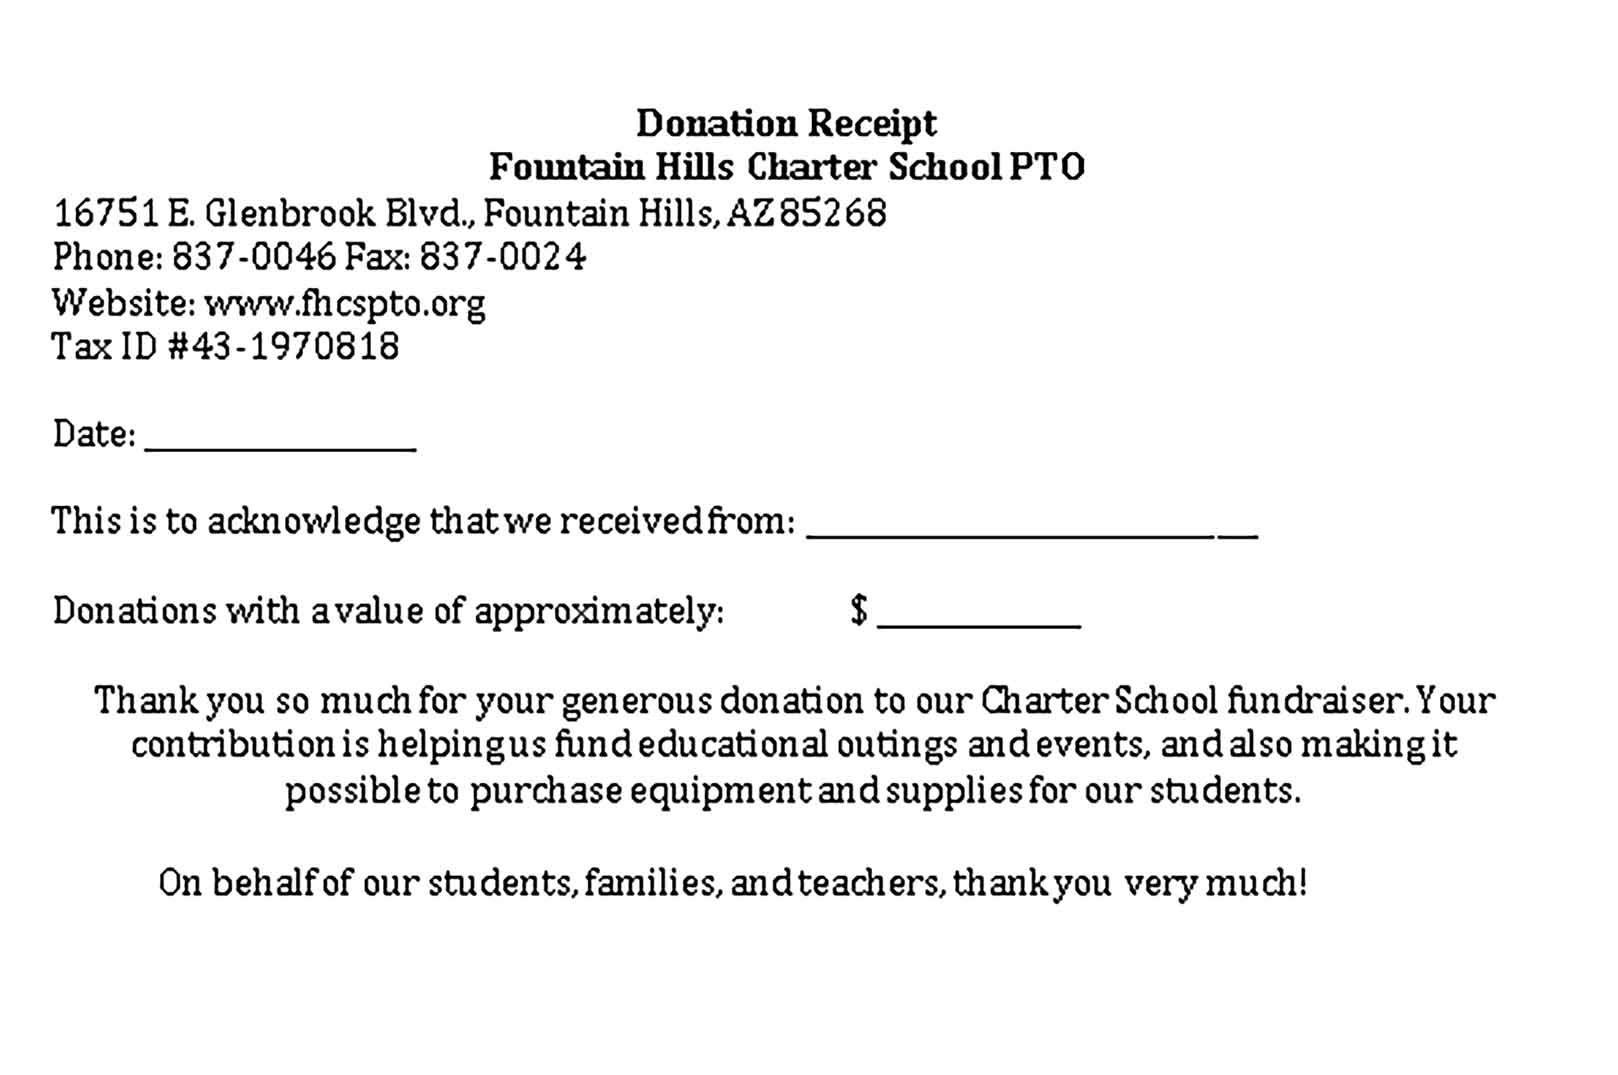 Sample Fundraiser Receipt Template Receipt Template Fundraising School Fundraisers